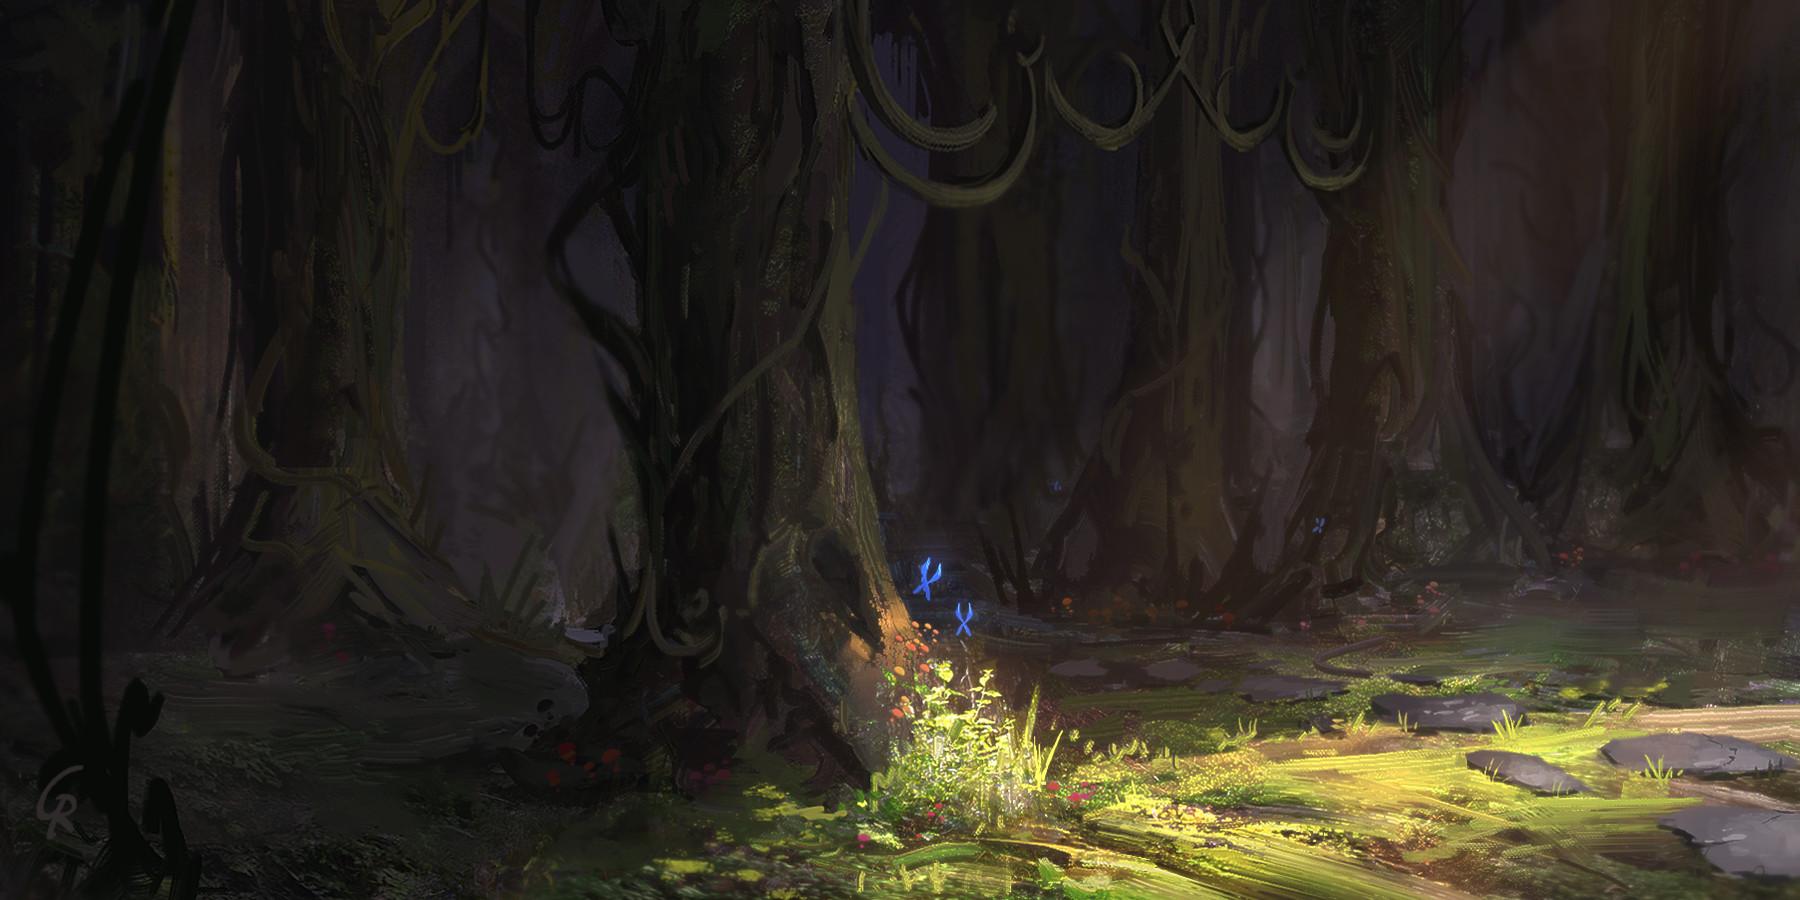 Roberto gatto forest halls